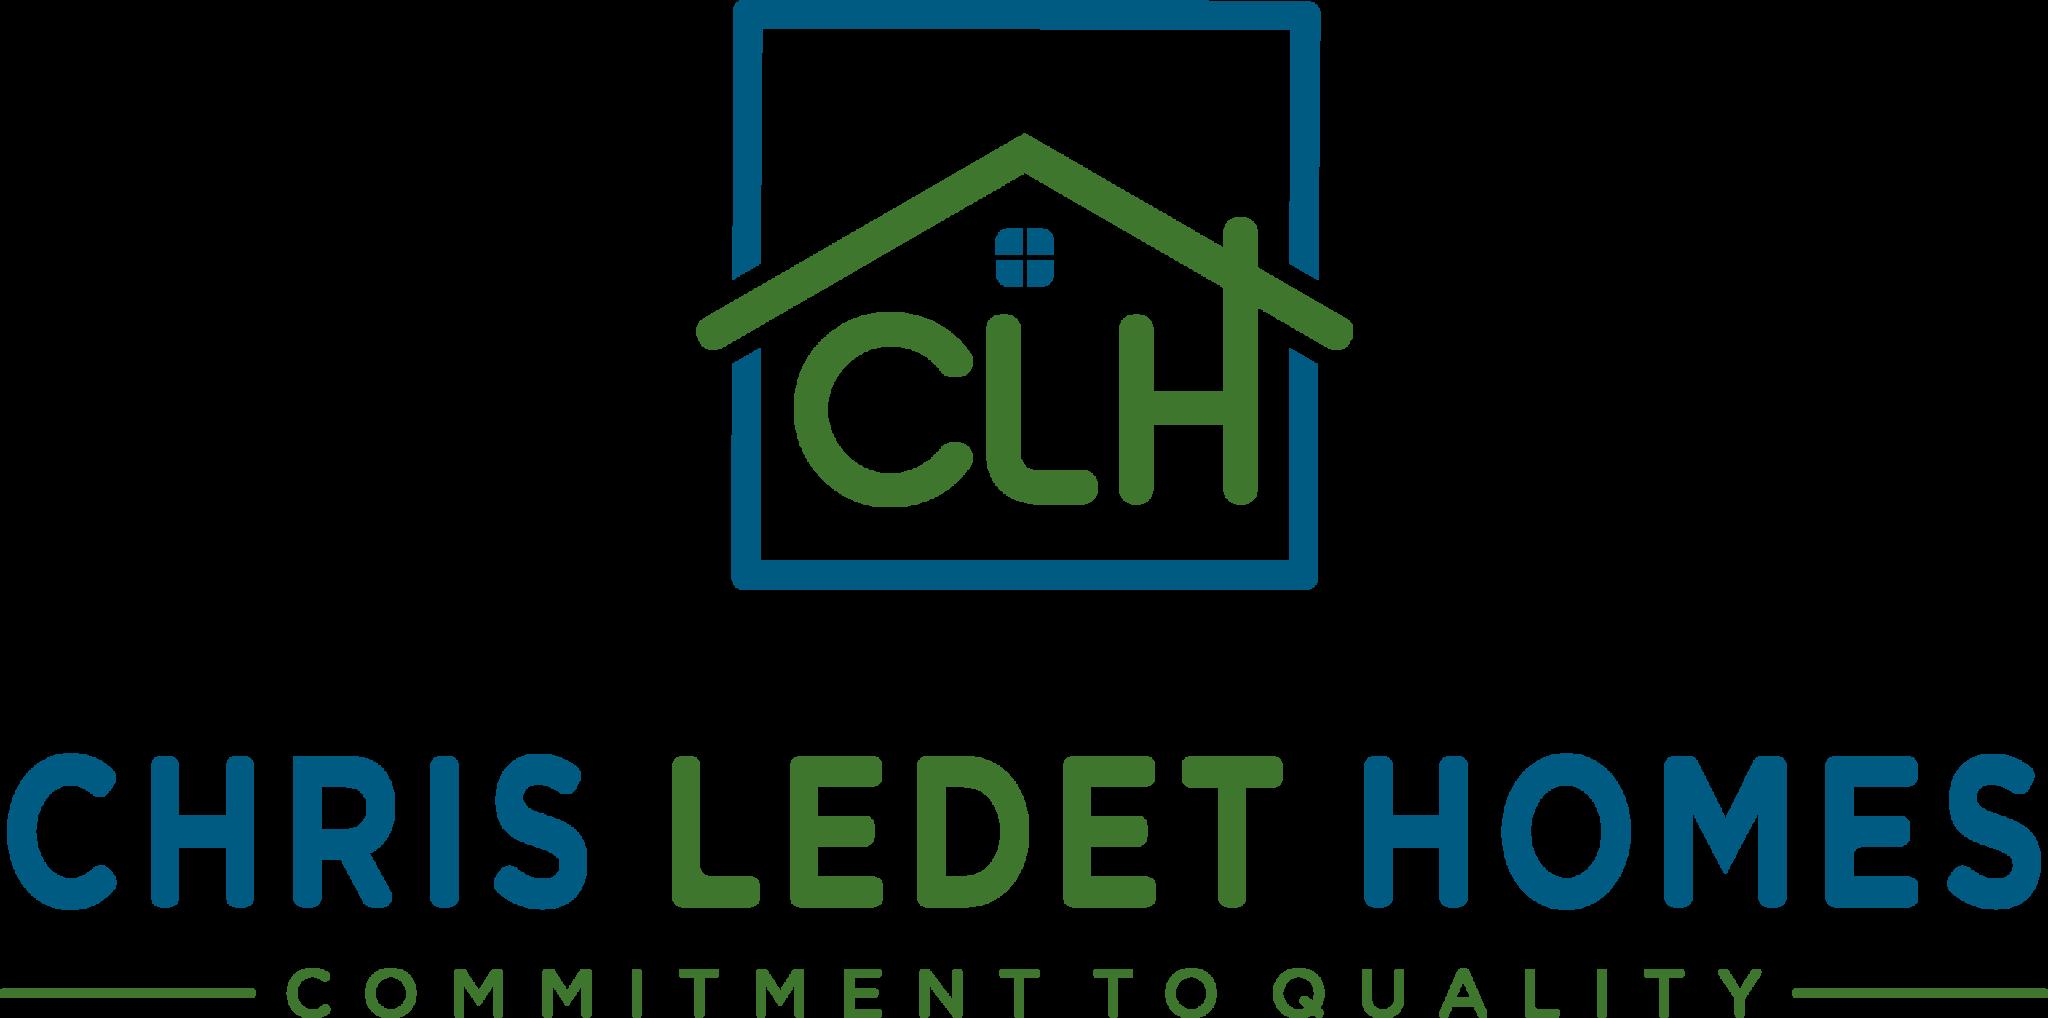 Chris Ledet Homes-logo